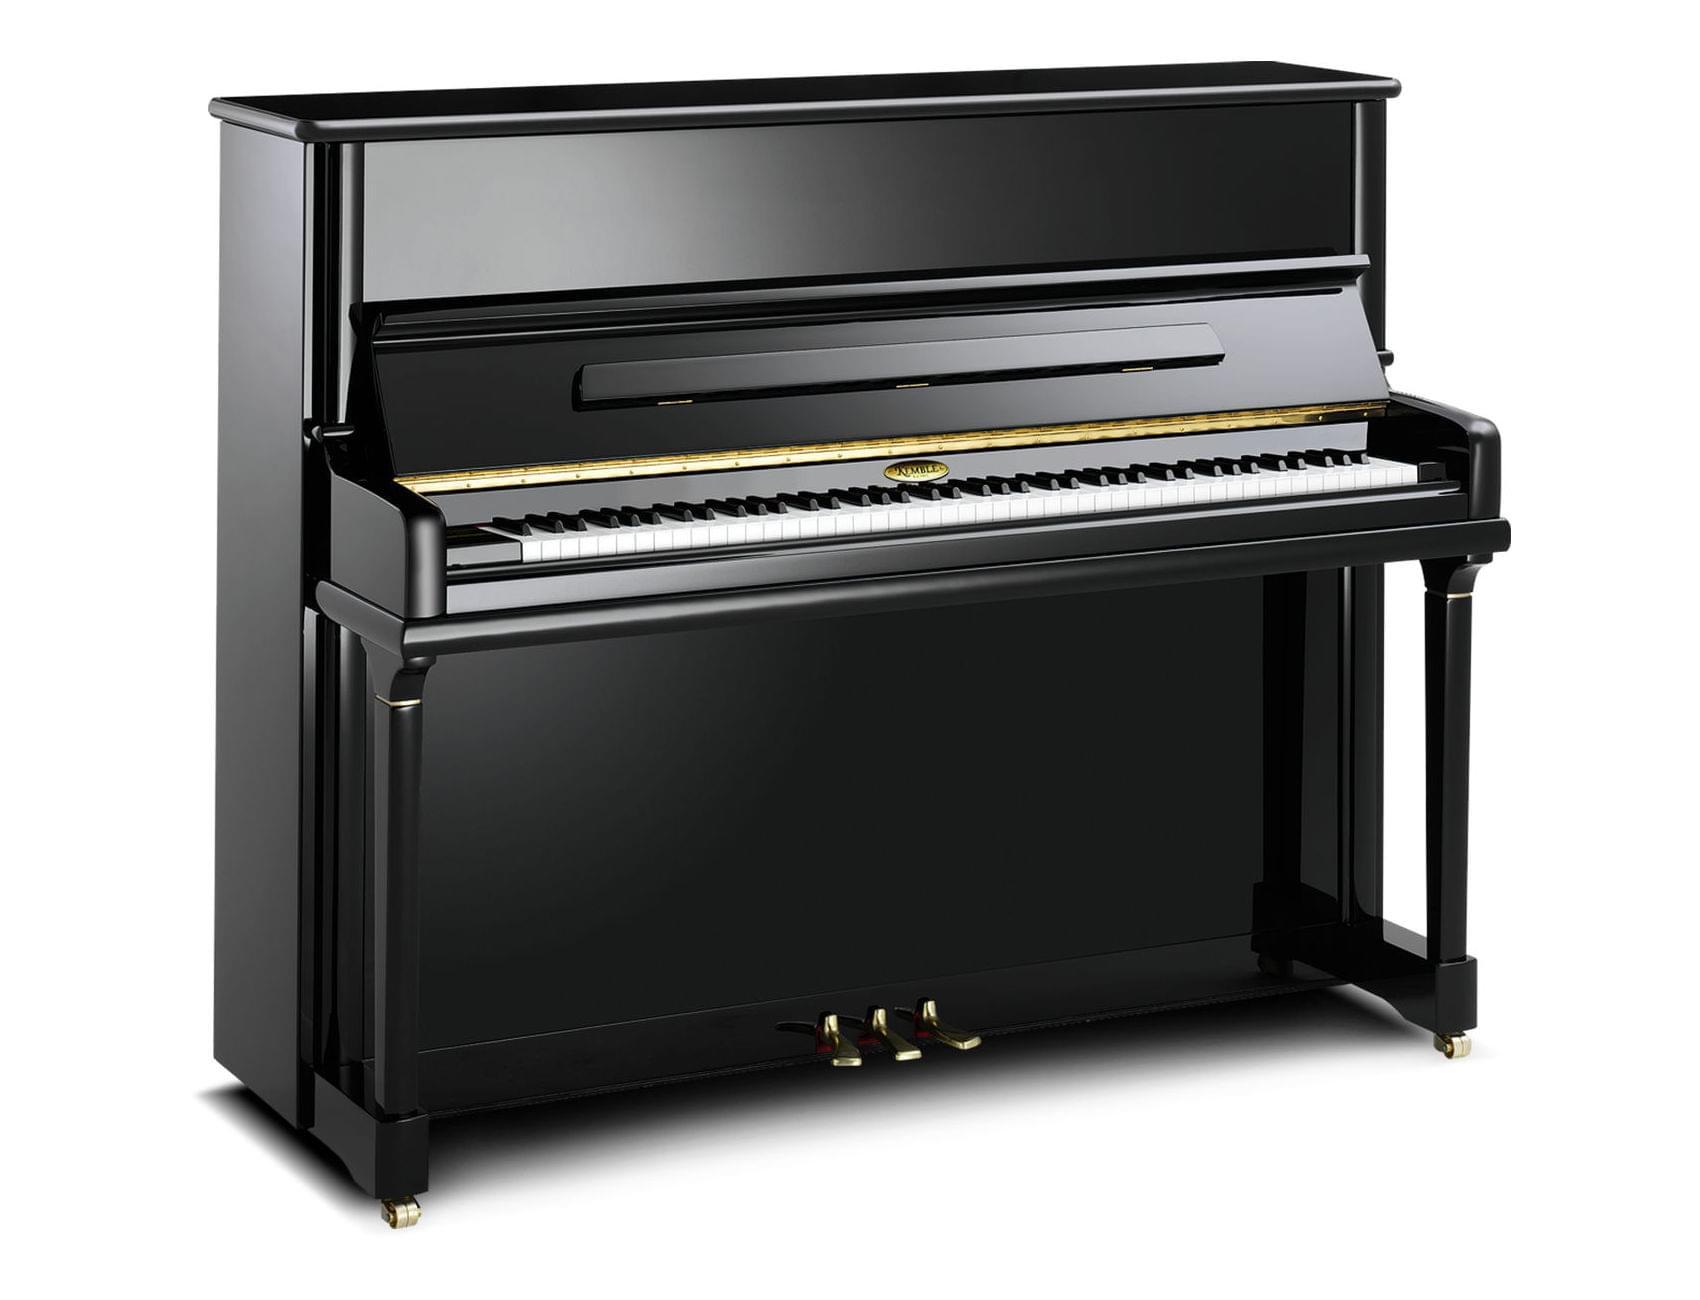 Piano KEMBLE colección Profesional modelo Conservatorio